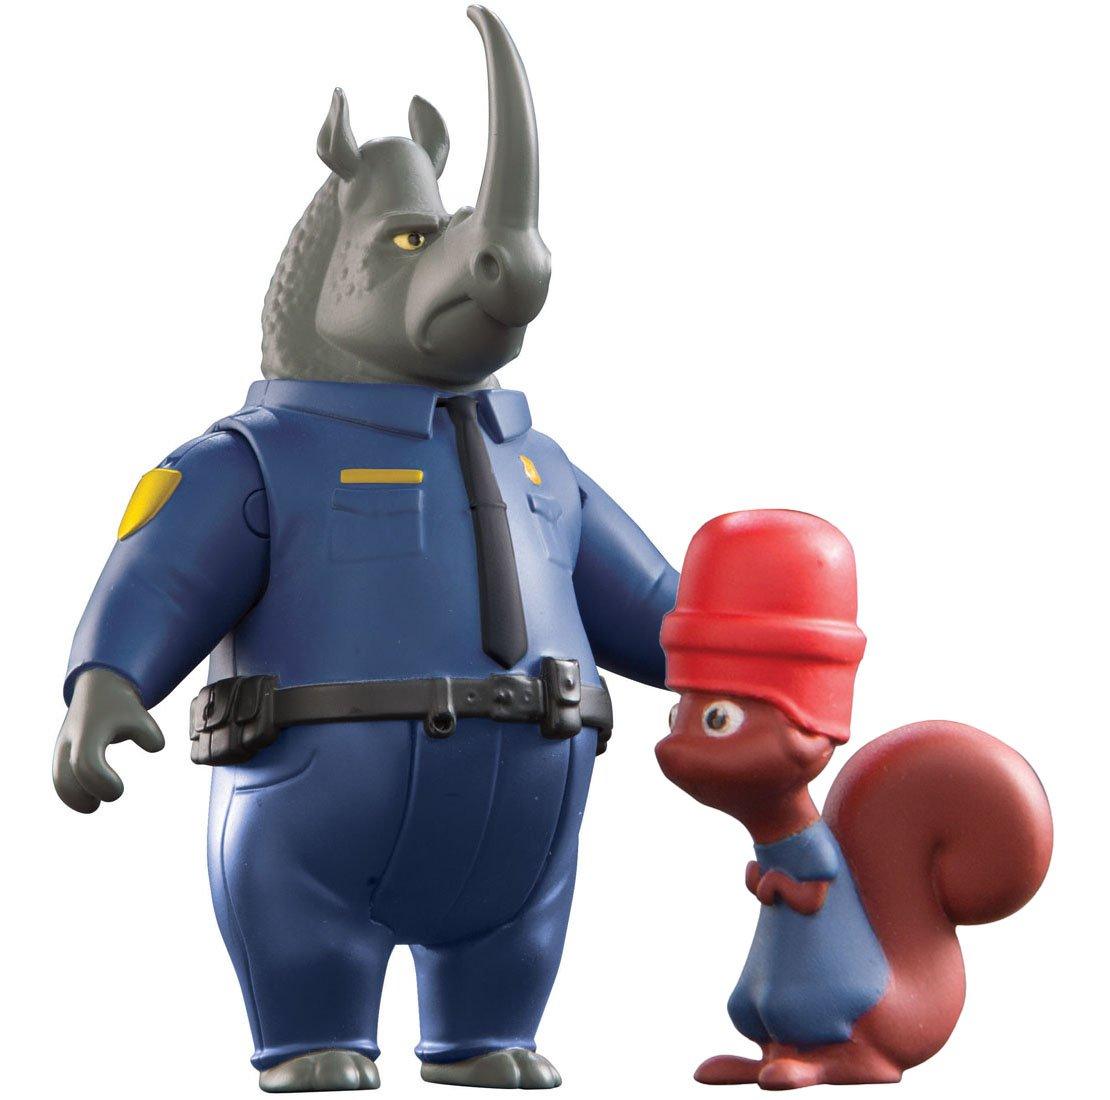 多美zootopia疯狂动物城犀牛警官与它的松鼠犯人